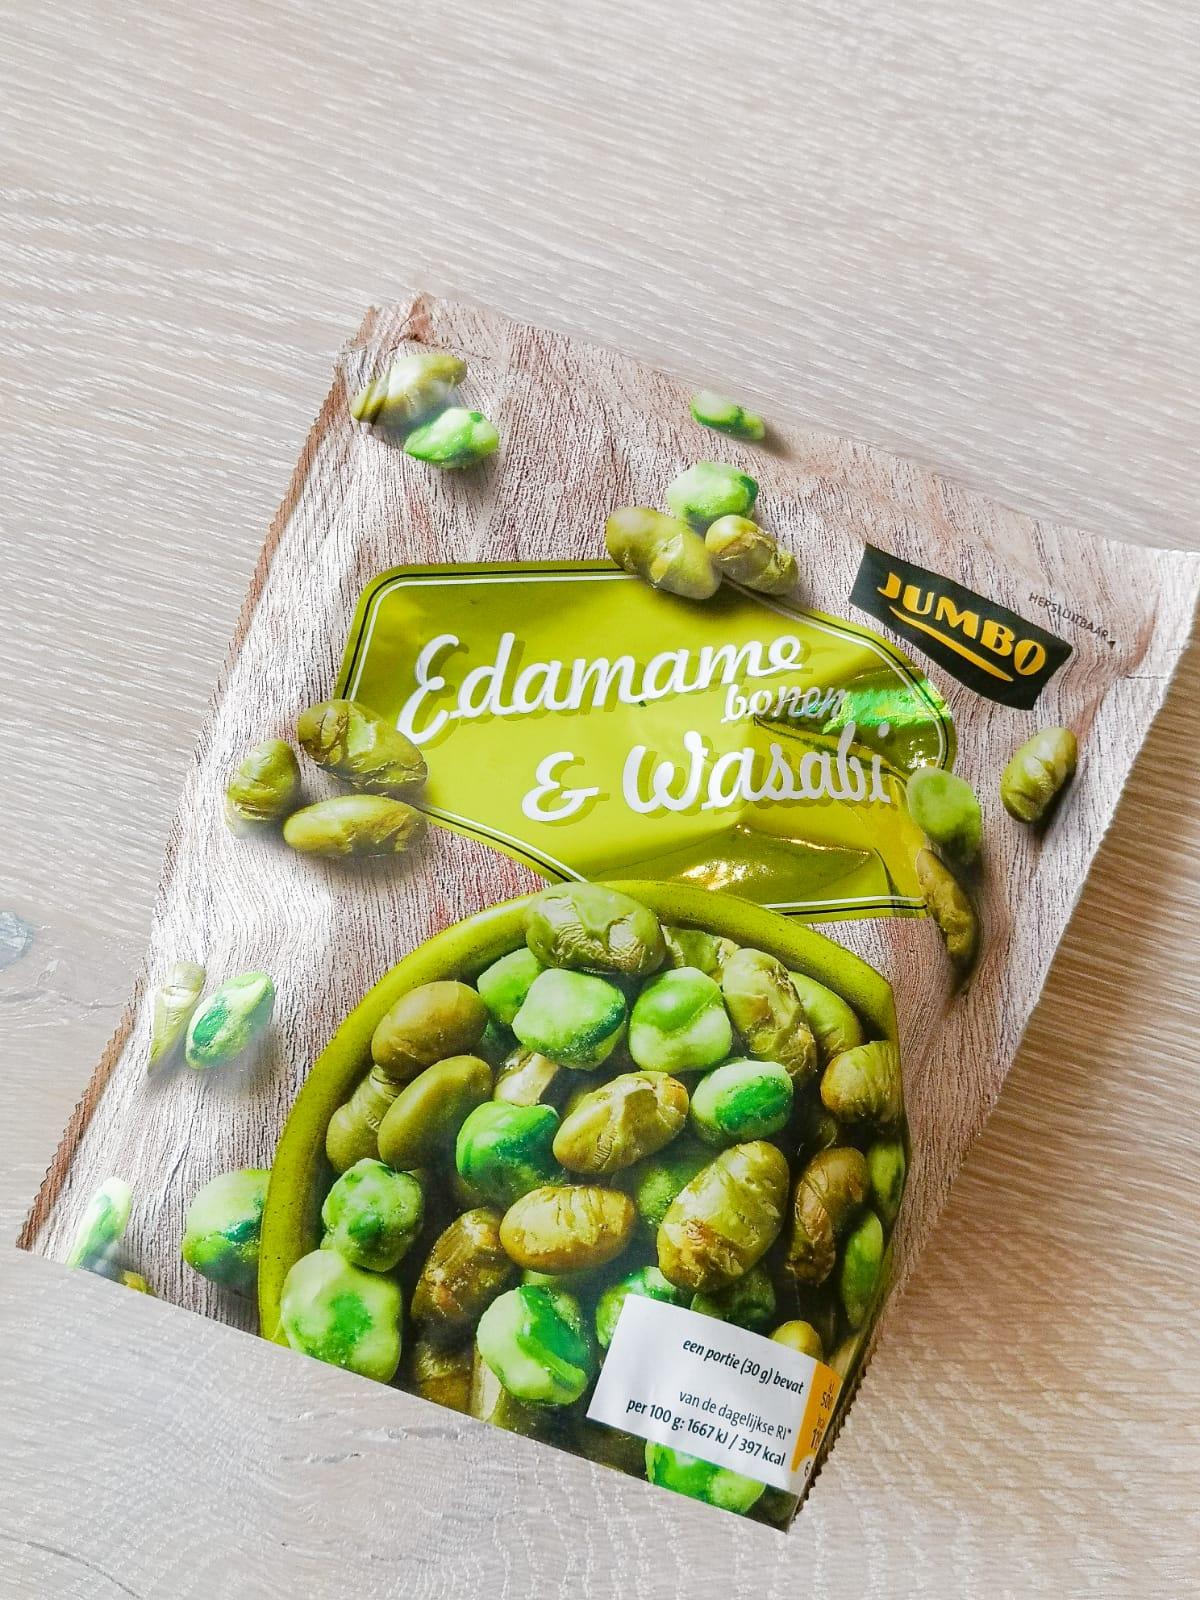 edame wasabi bonen boodschappenlijst